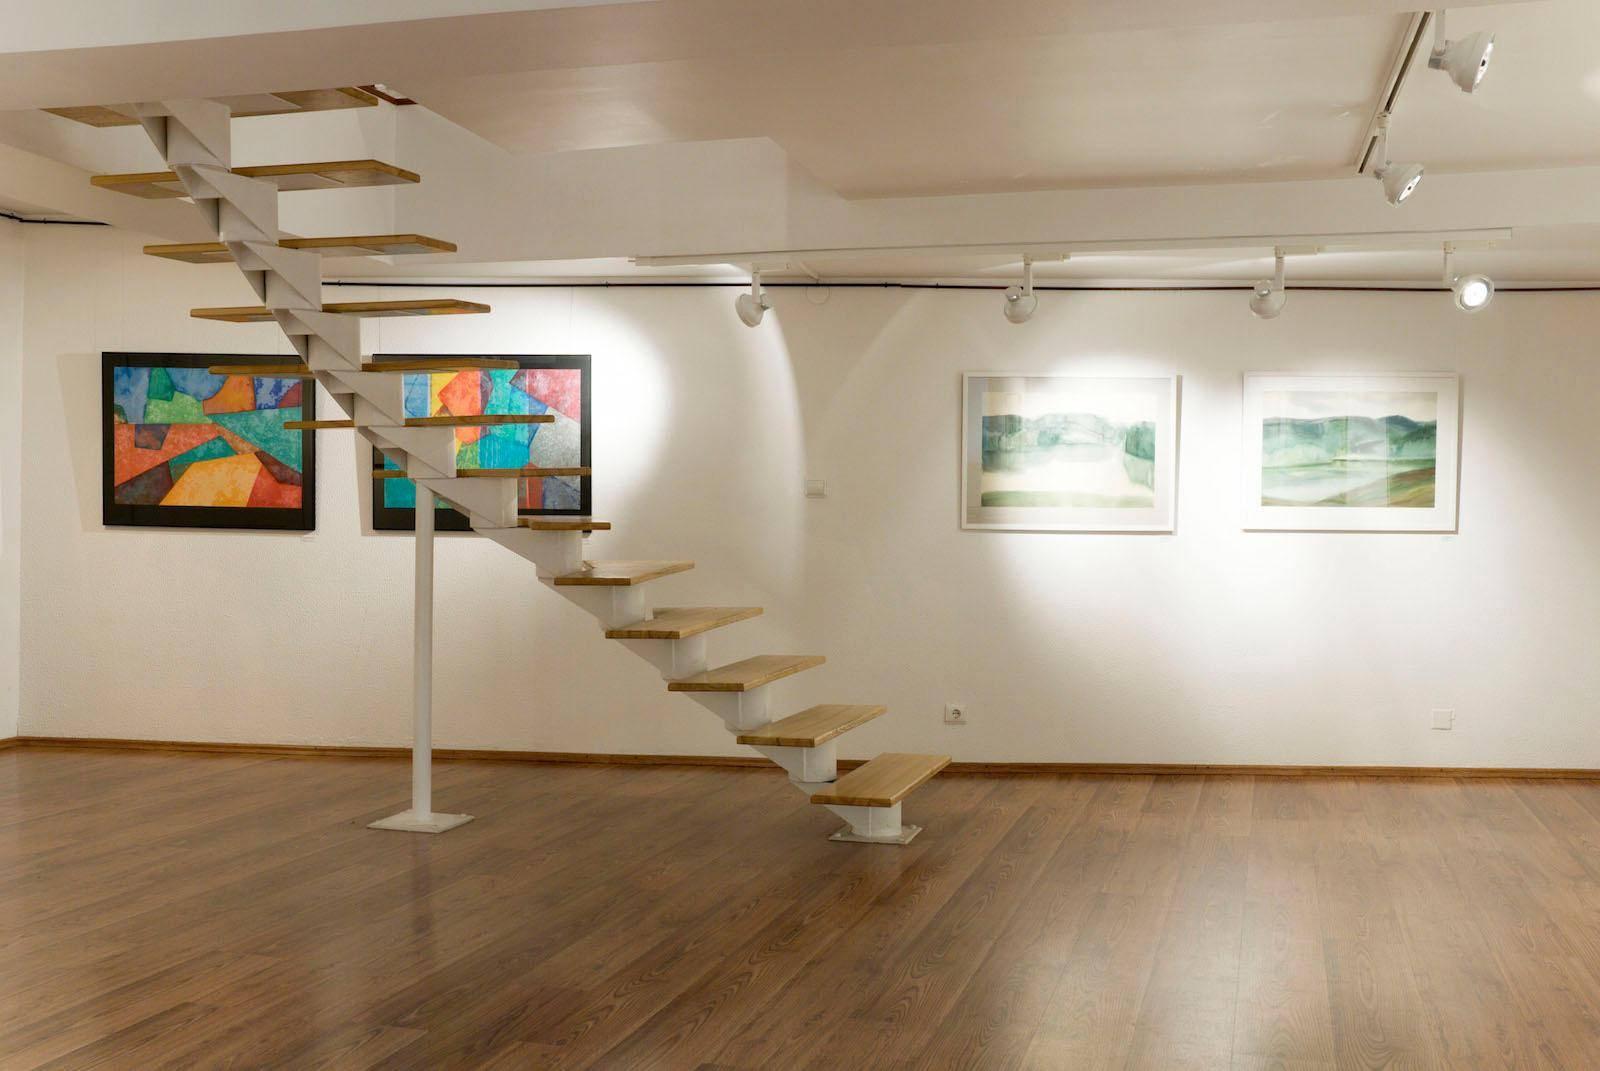 Haus Gallery in Tallinn,Estonia